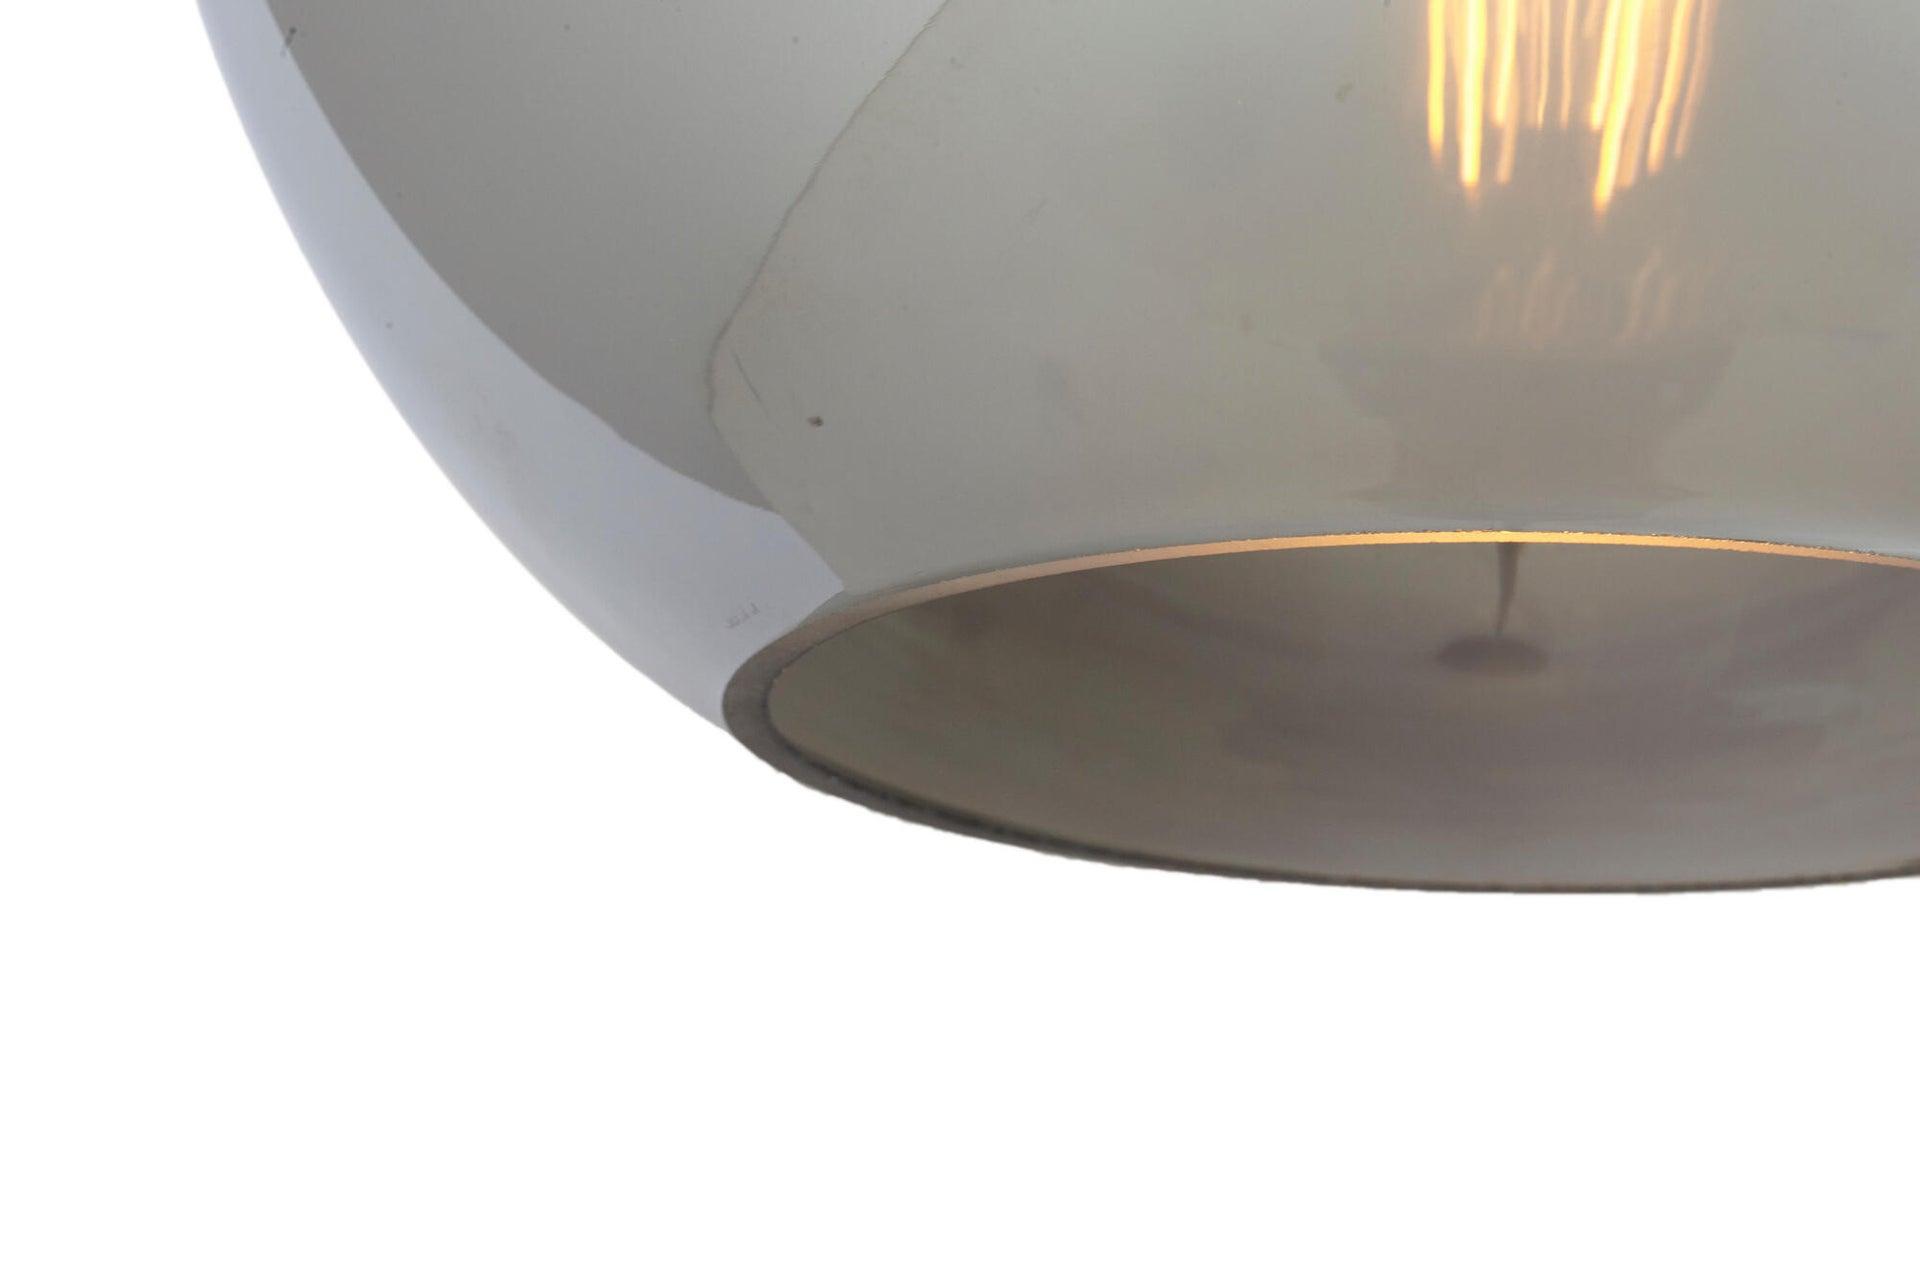 Lampadario Glamour Rina canna di fucile in cristallo, D. 30 cm, L. 30 cm, INSPIRE - 10